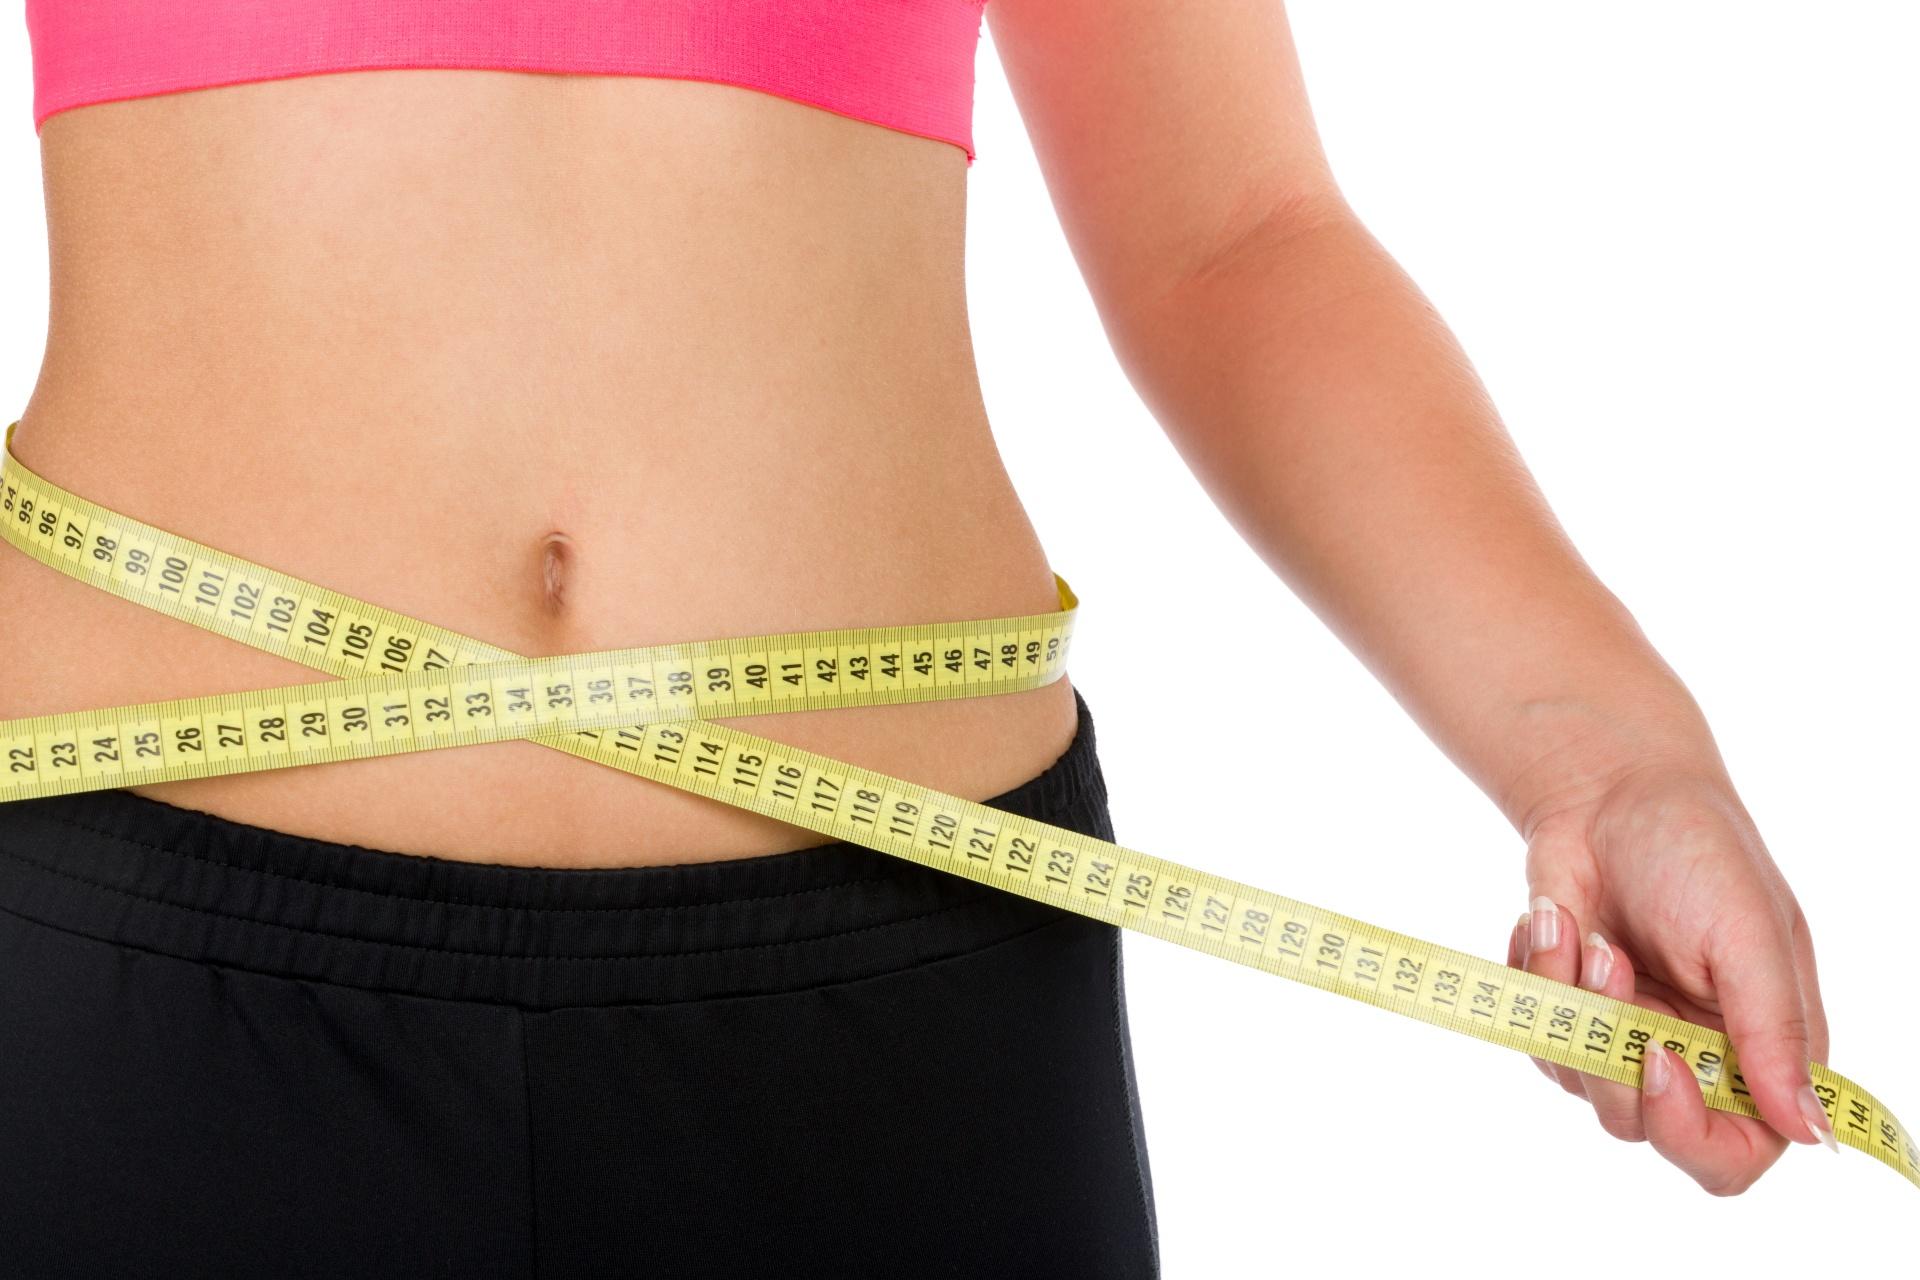 Astuces beauté quels sports pratiquer pour maigrir du bas